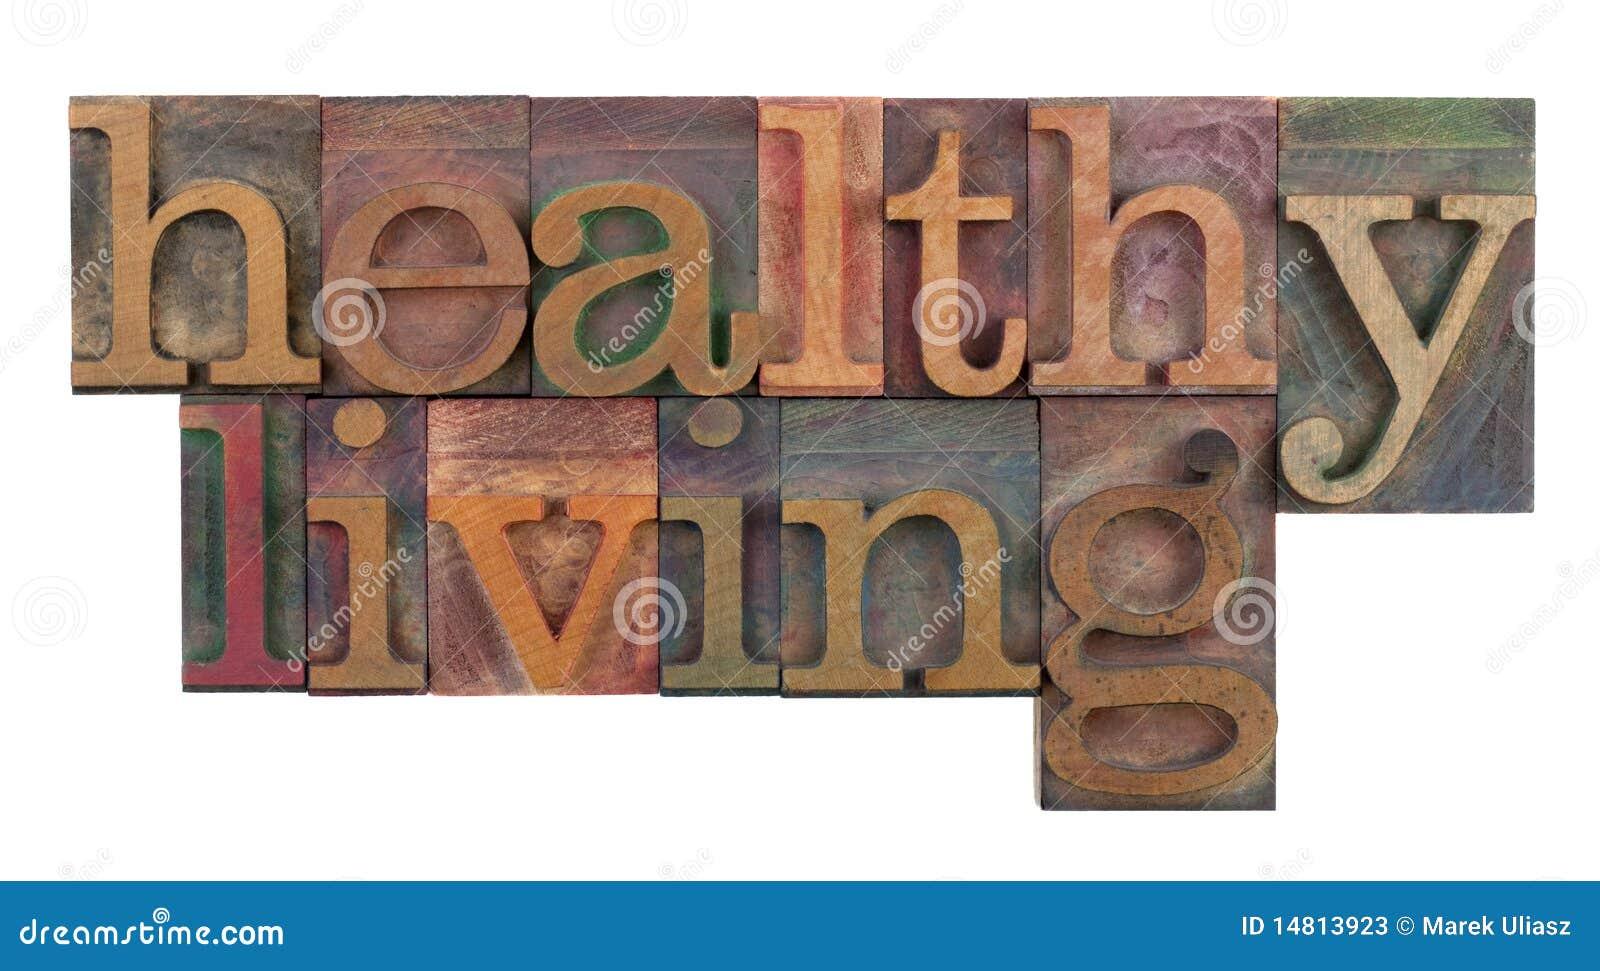 Zdrowy utrzymanie